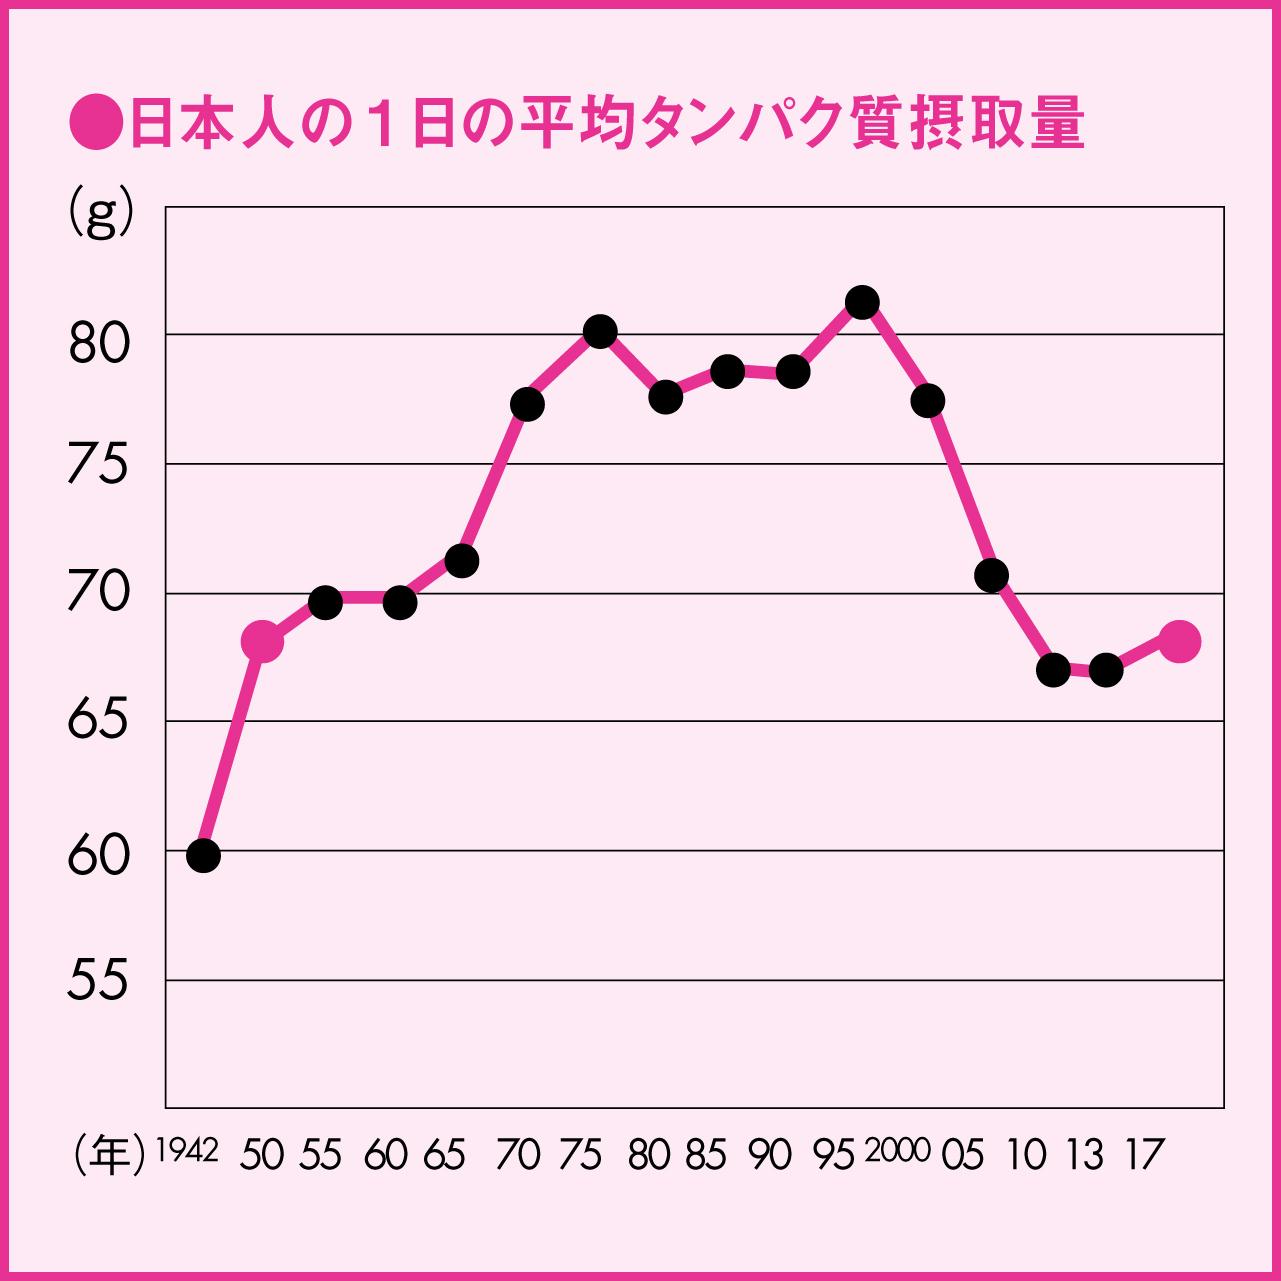 ●日本人の1日の平均タンパク質摂取量